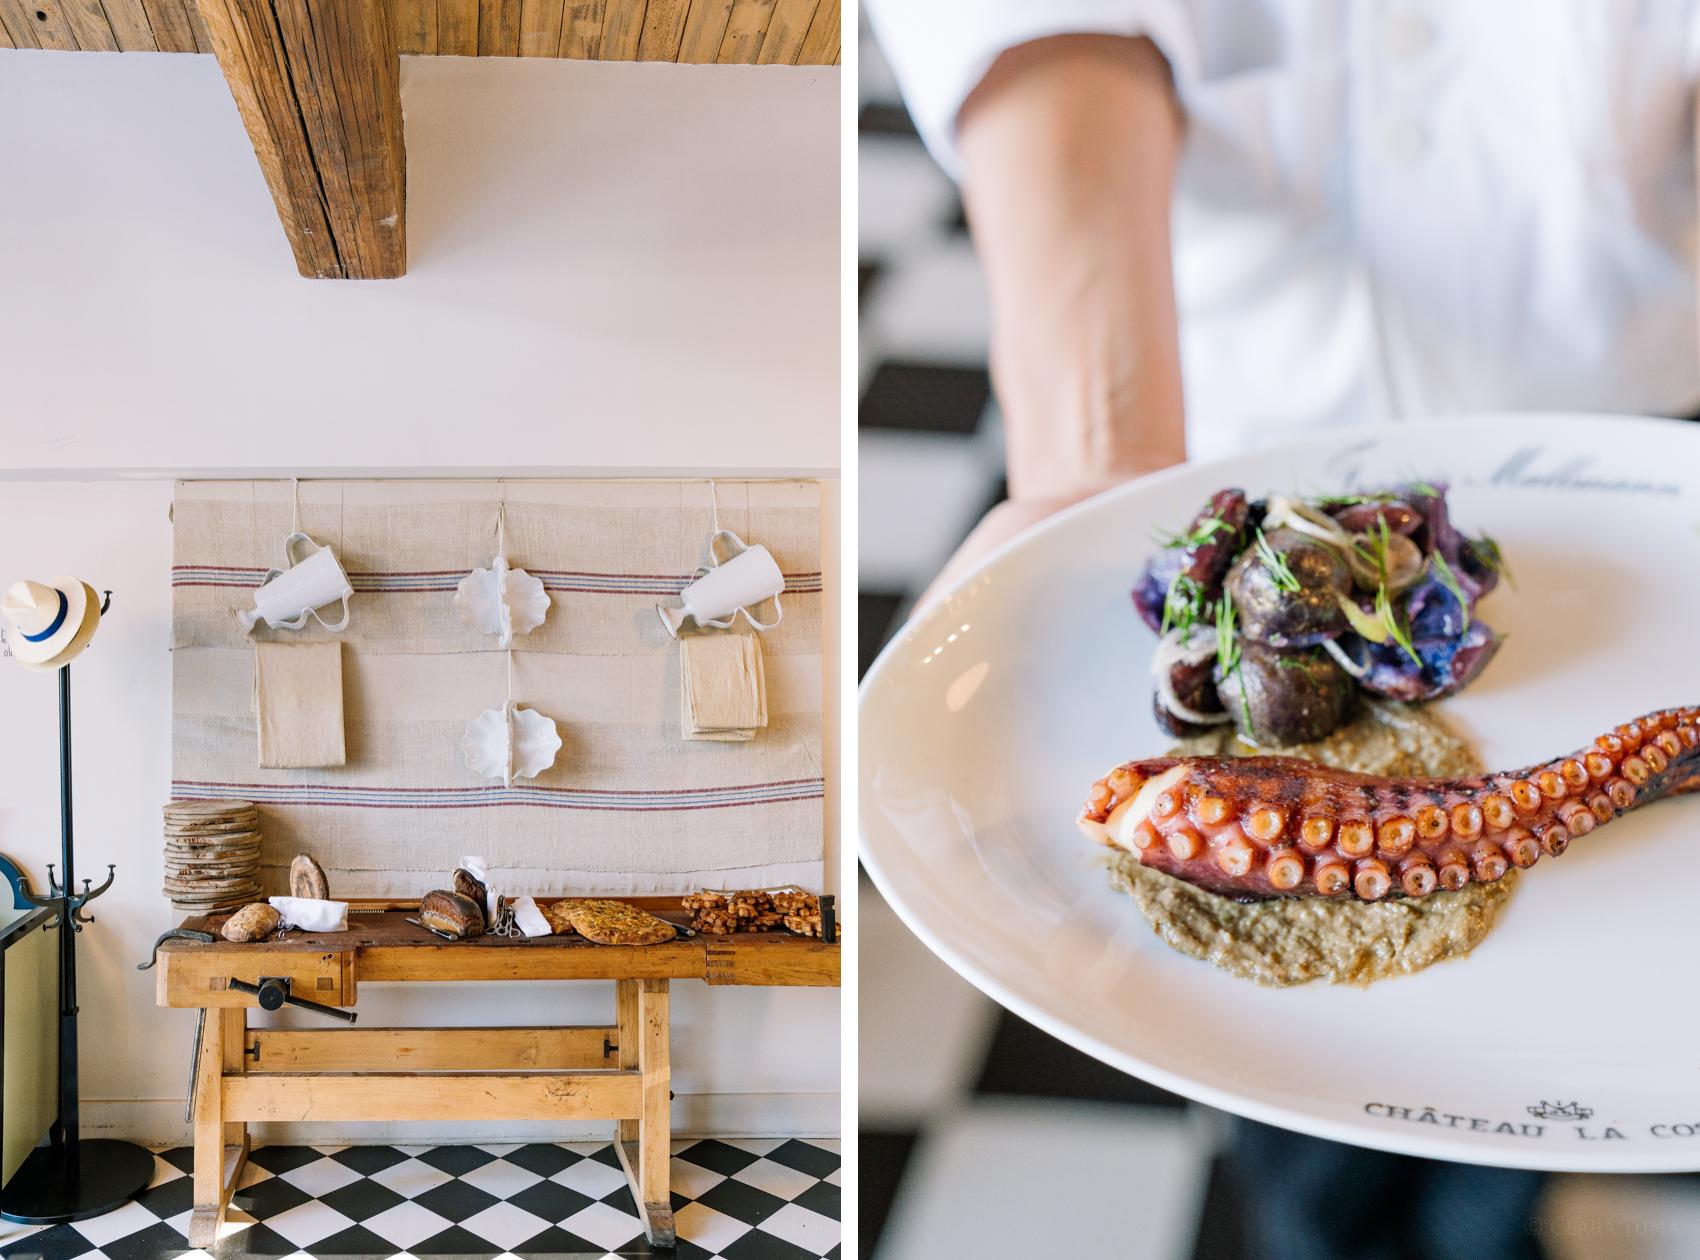 TRAVEL-Photography-provence-restaurant-food-LaCoste-Clara-Tuma.jpg